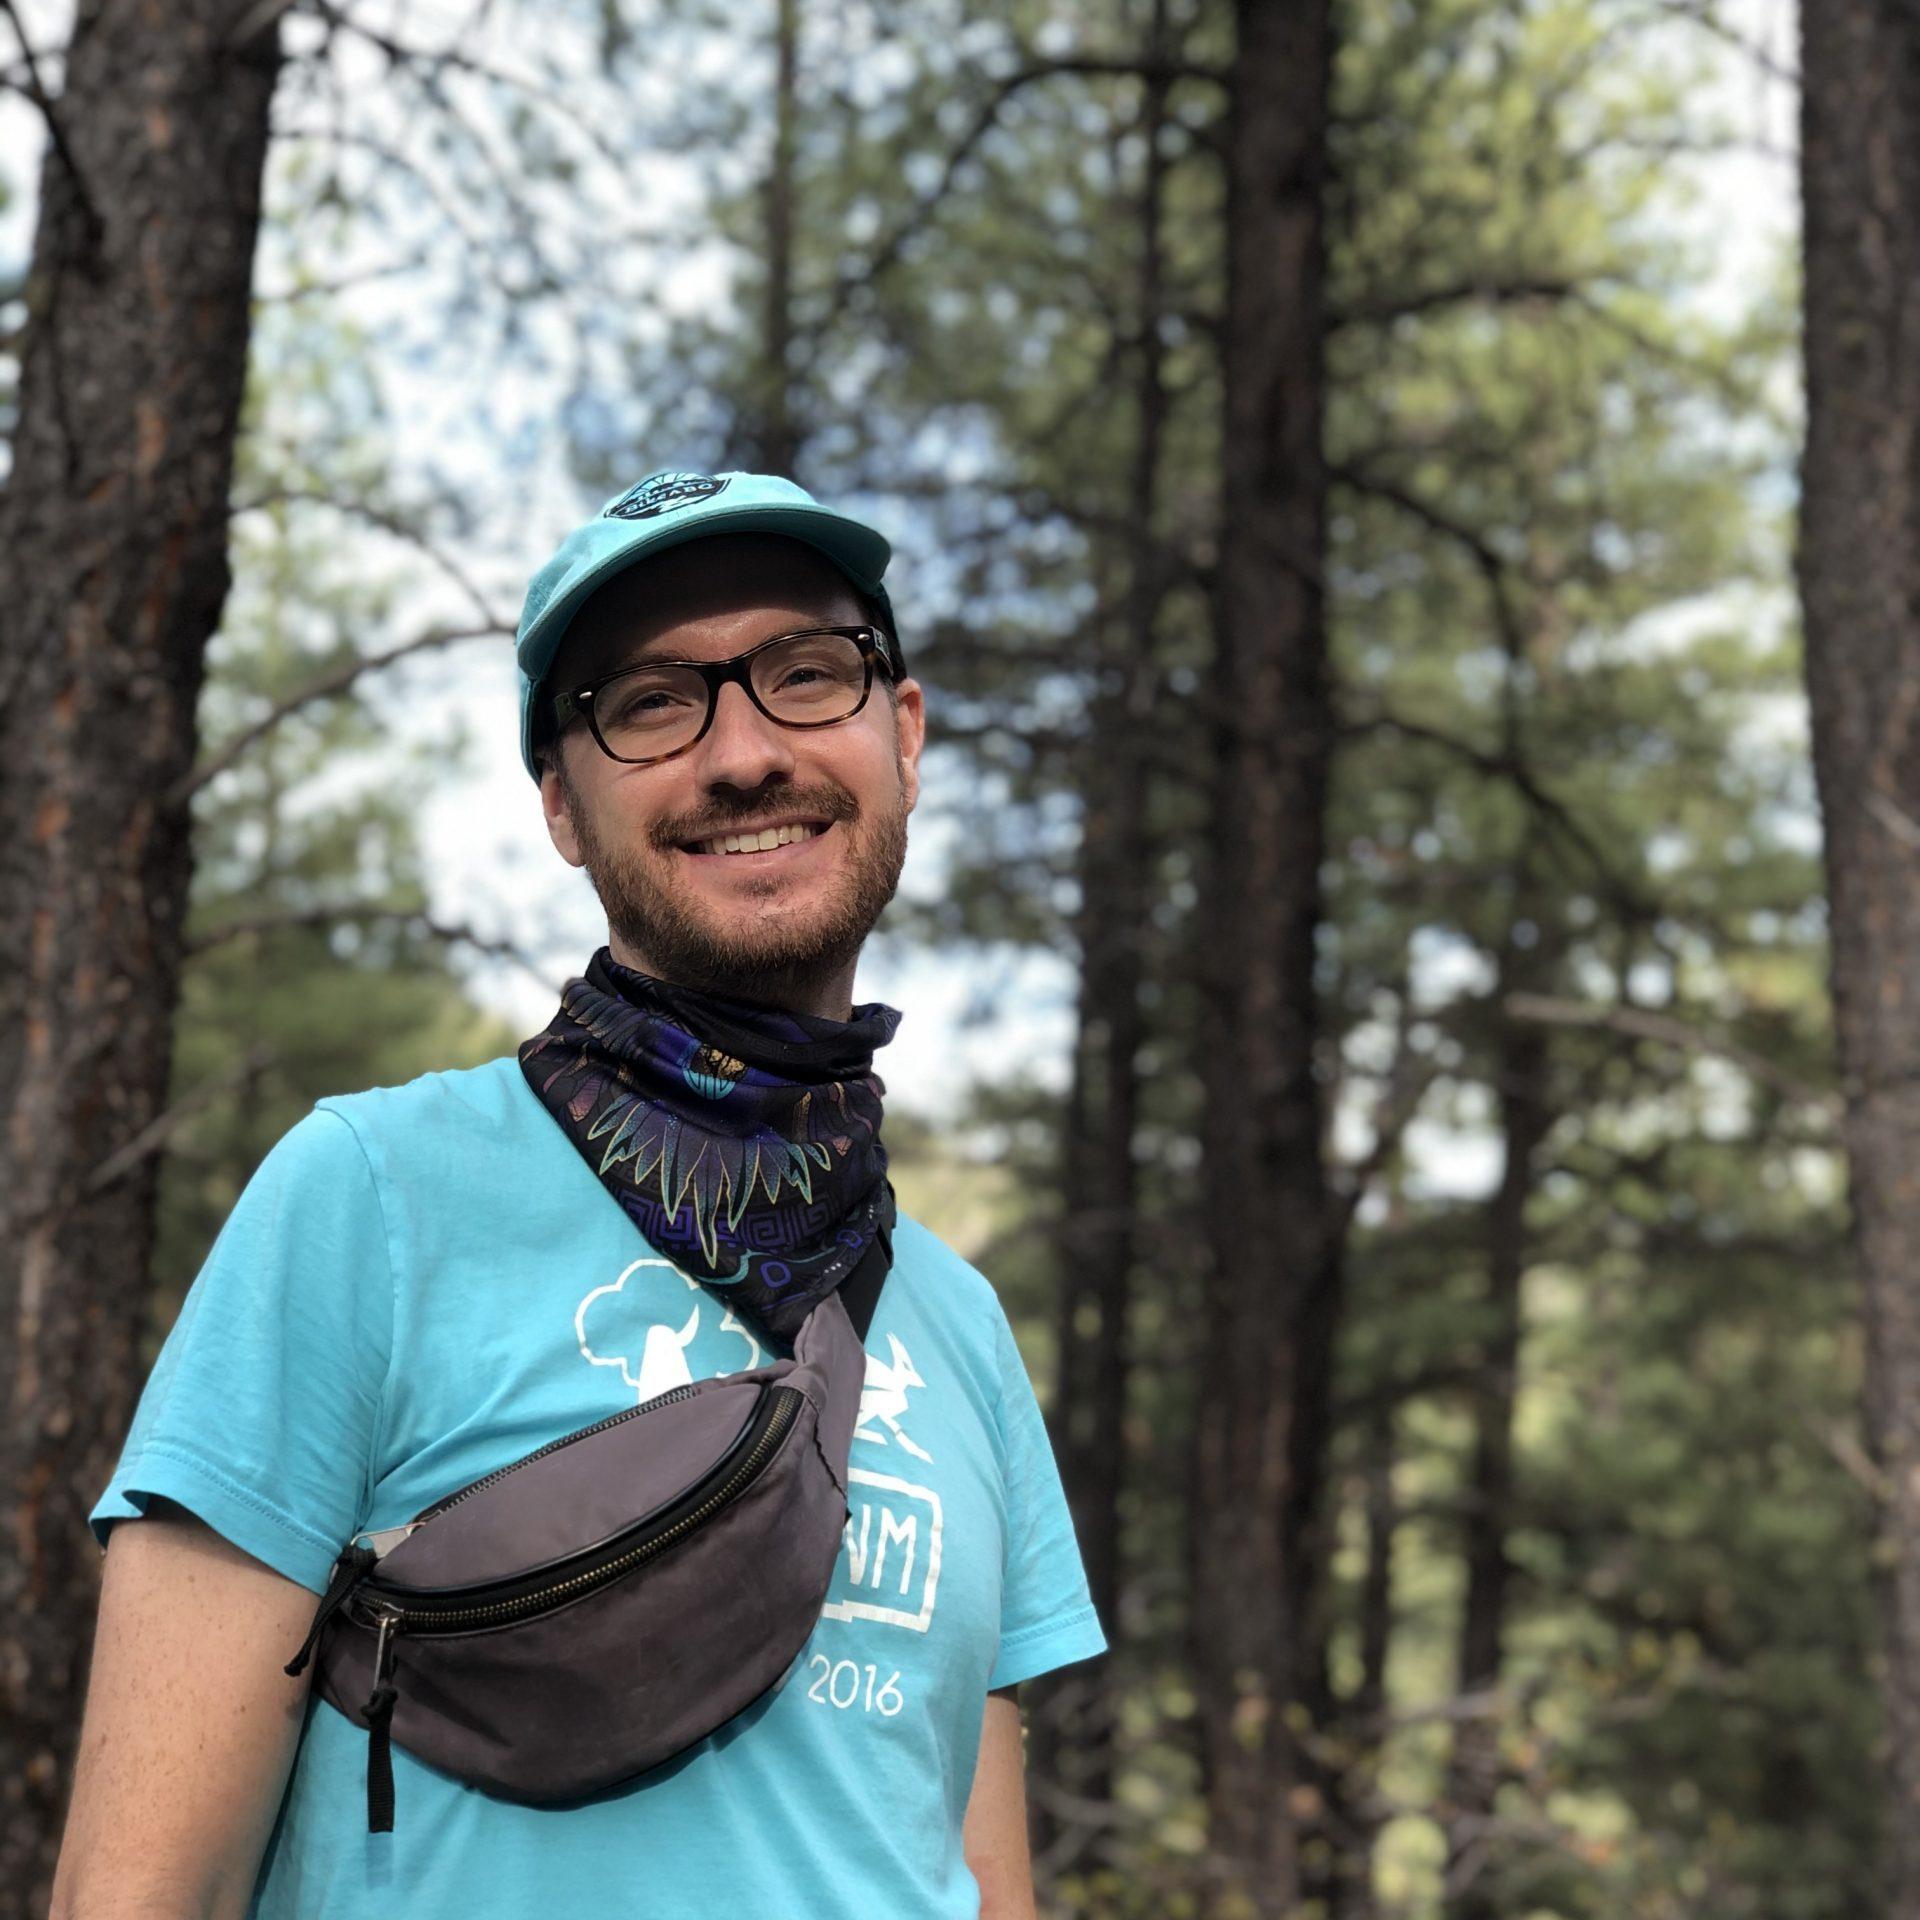 dan m hiking in woods